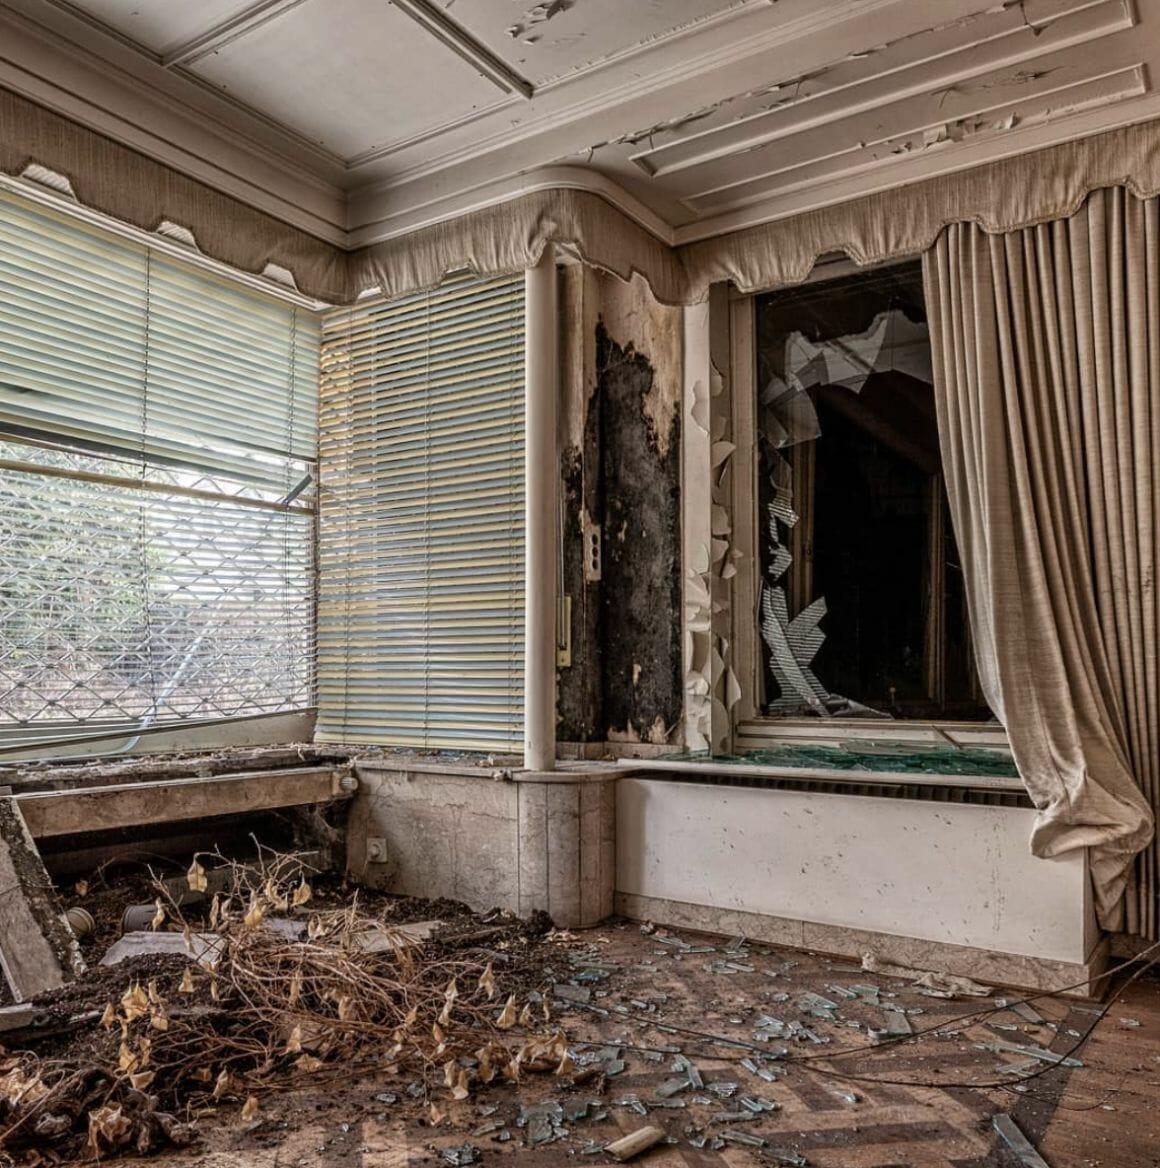 photographie d'un intérieur abandonné prise par revierstrolch